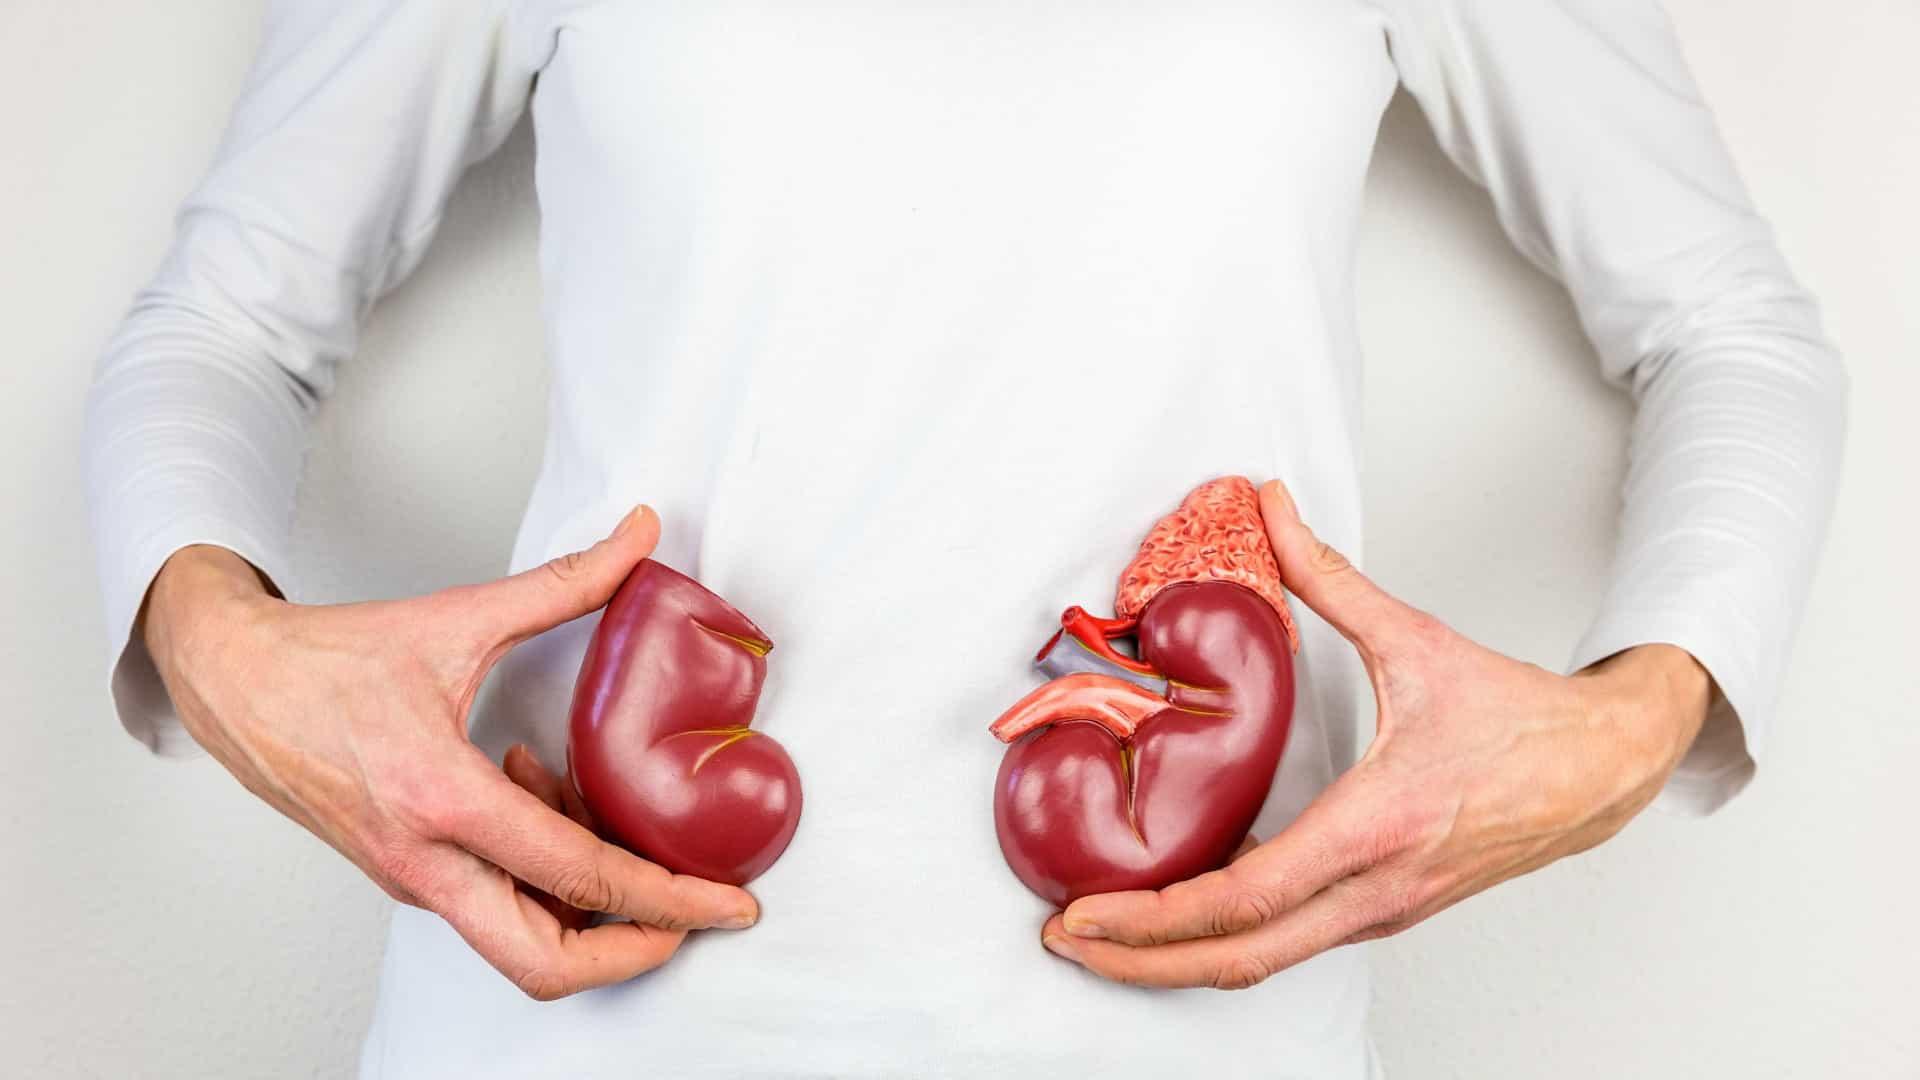 Câncer de rim pode ser diagnosticado precocemente